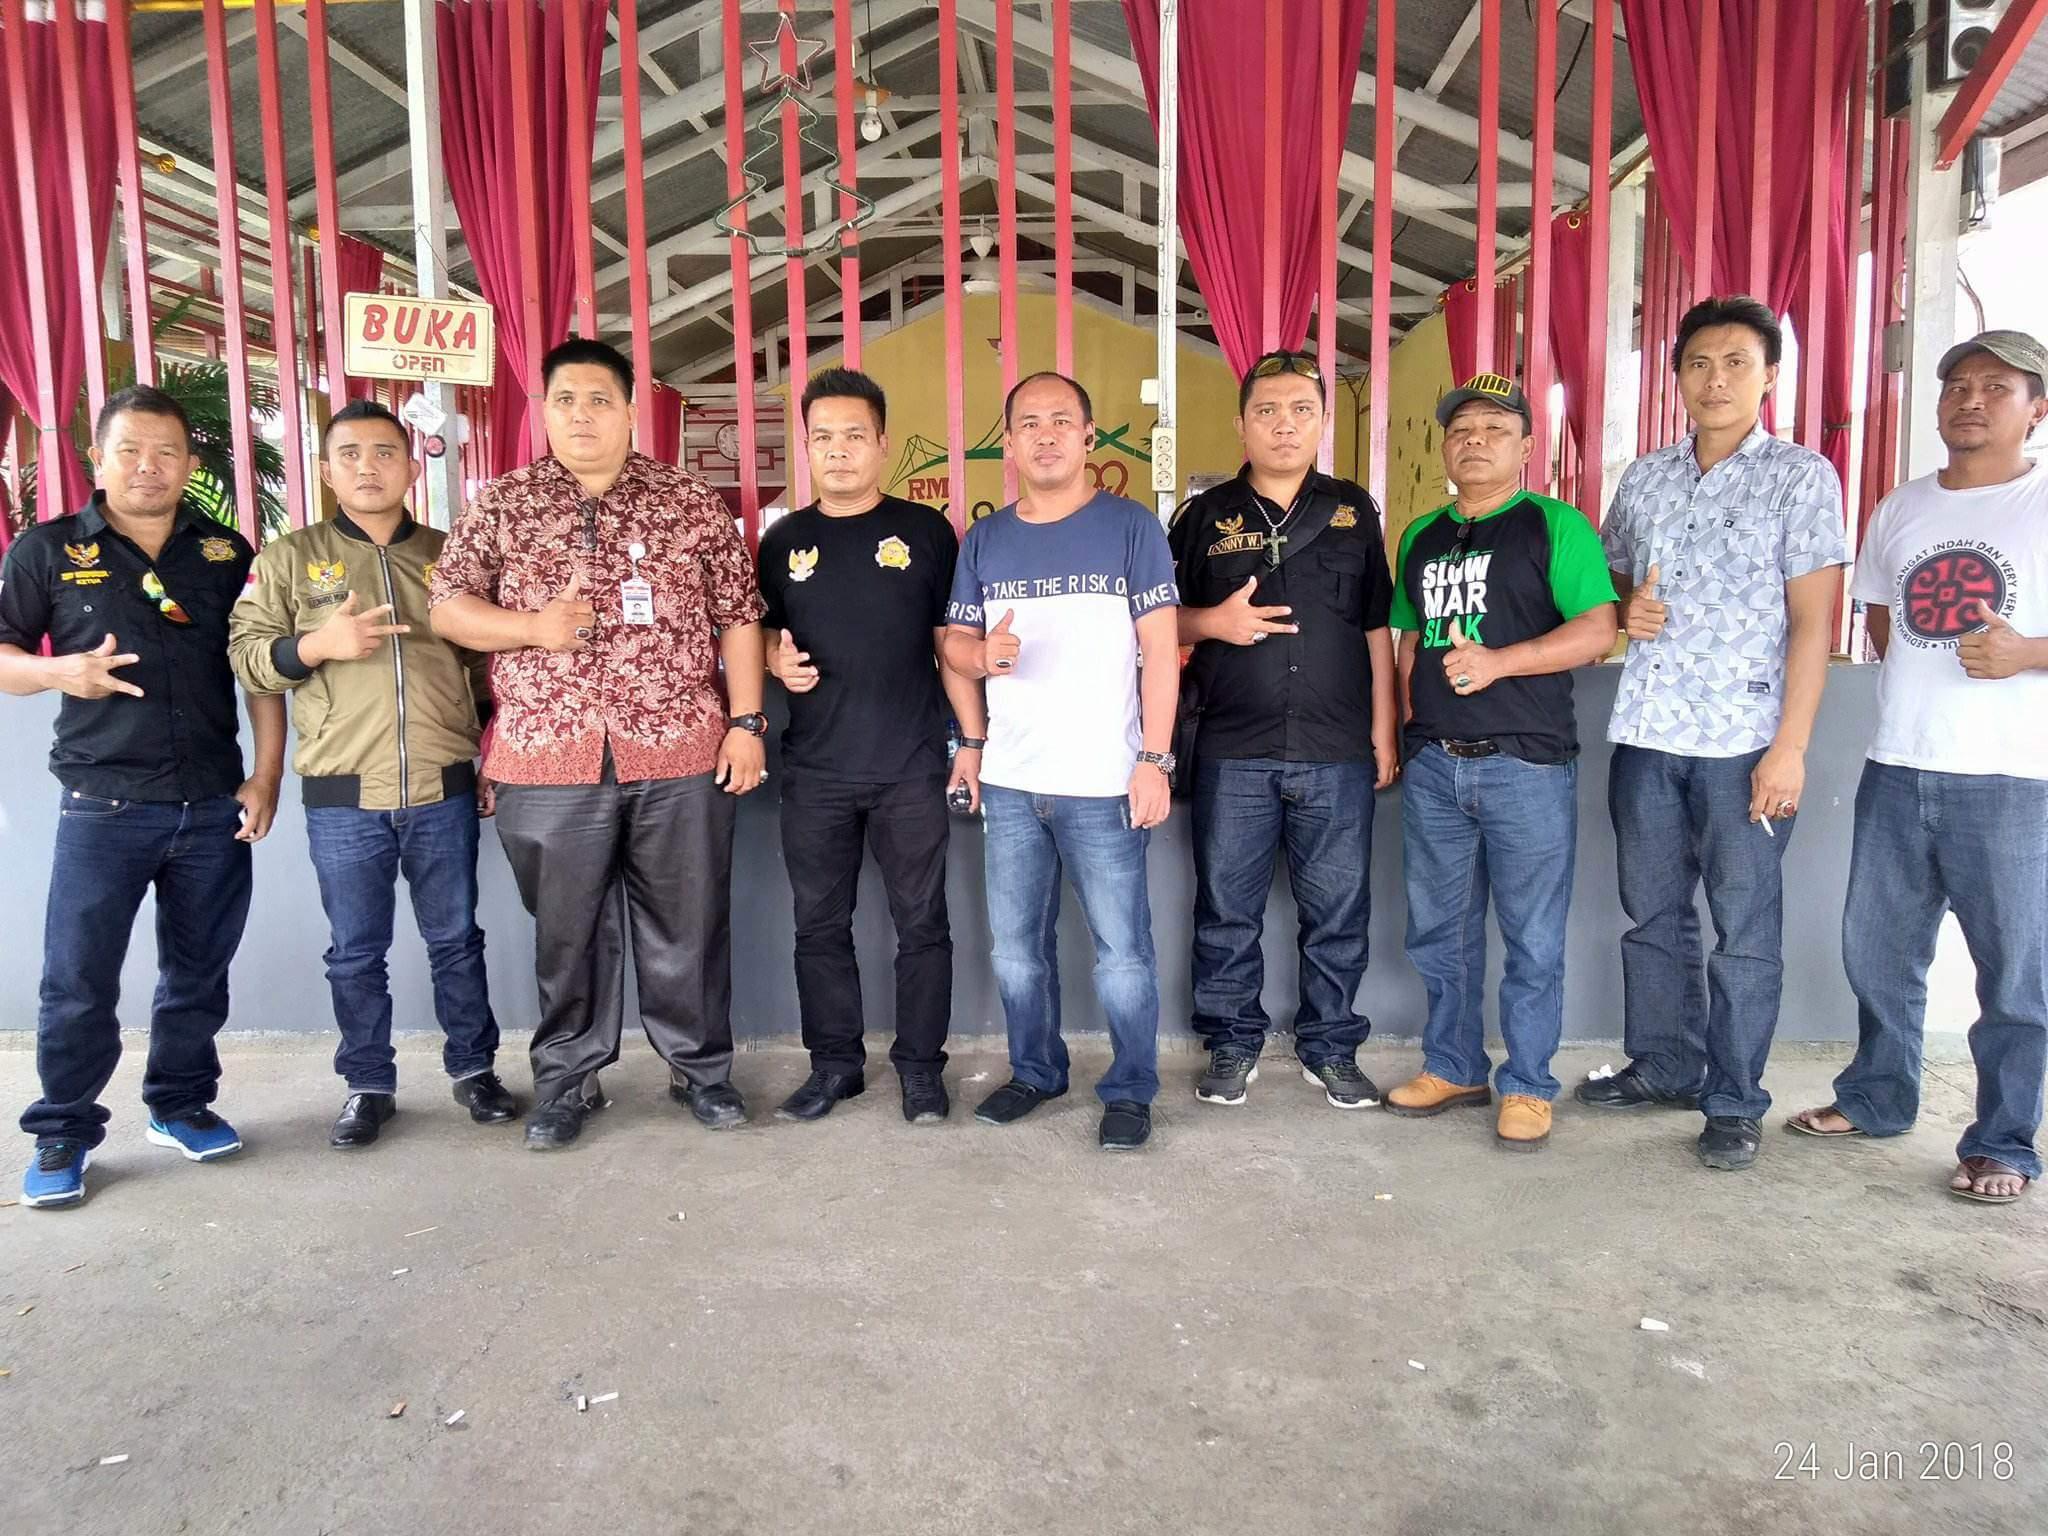 Ormas Dan LSM Minut Segera Polisikan HJ Terkait Pencemaran Nama Baik Bupati VAP